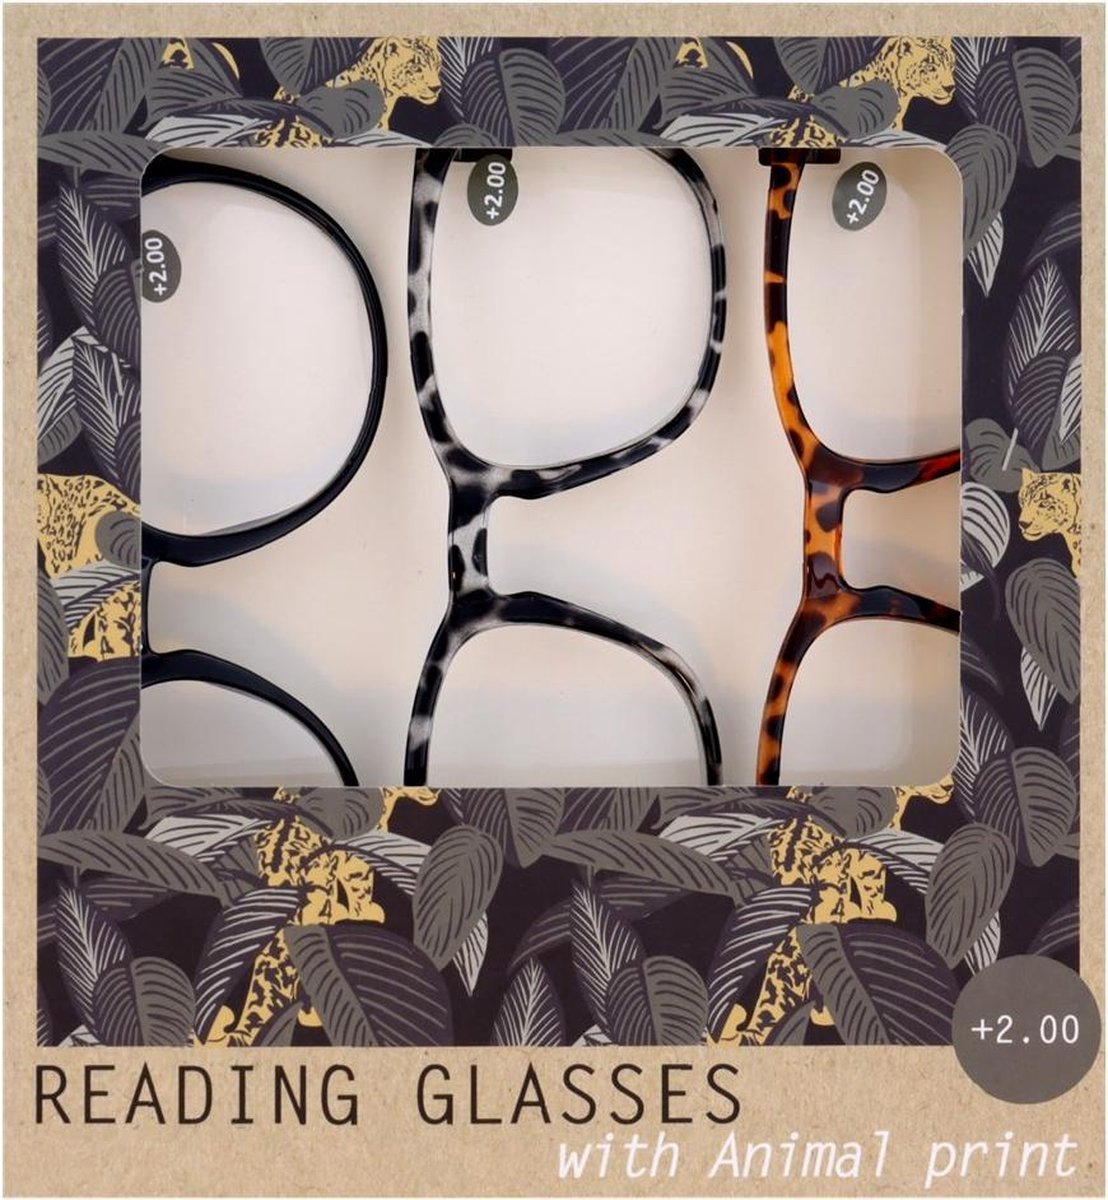 WDMT™ Leesbrillen met dierenprint kopen